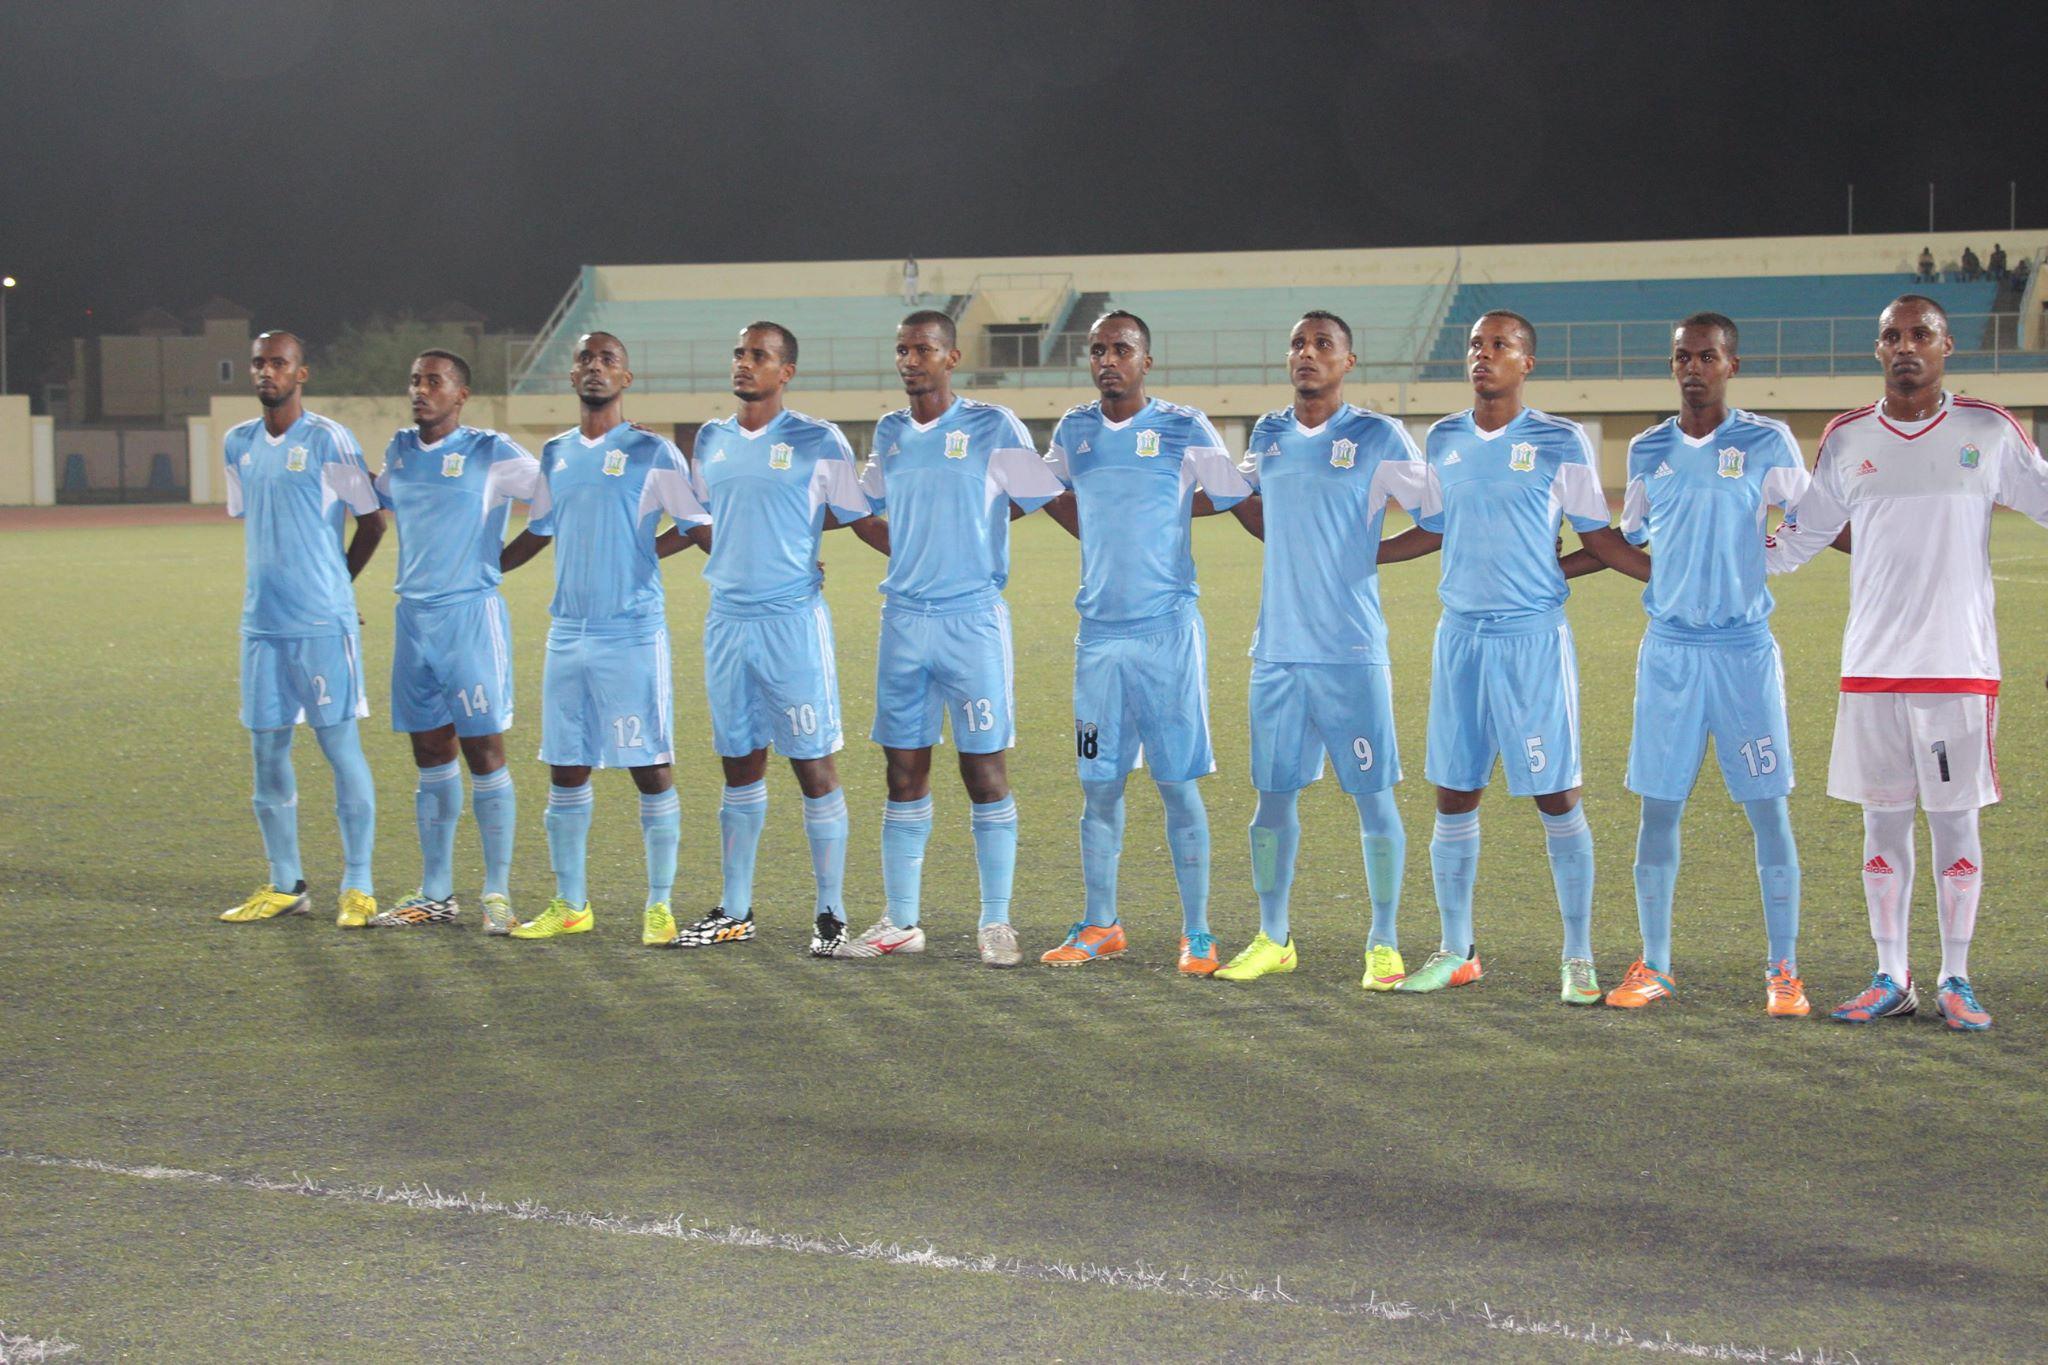 Coupe Du Monde2020 Eliminatoire Zone Afrique Calendrier.Coupe Du Monde 2022 Qualification Historique De Djibouti